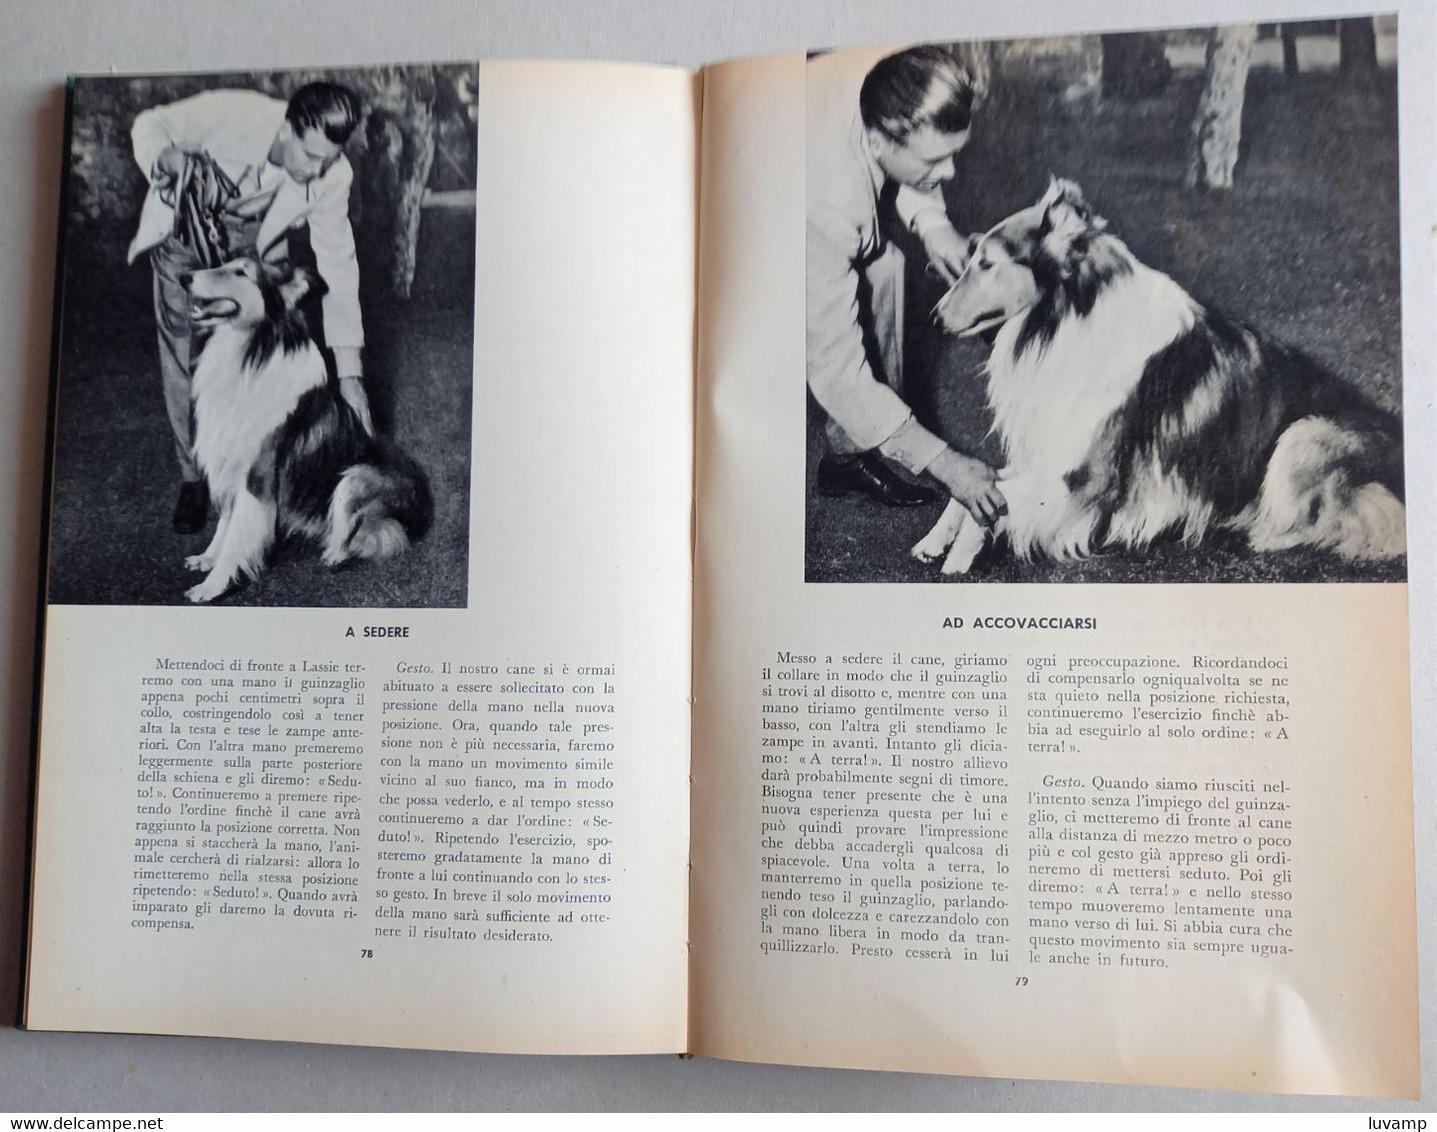 LA STORIA DI LASSIE - Pagine 128  (130410) - Libri, Riviste, Fumetti